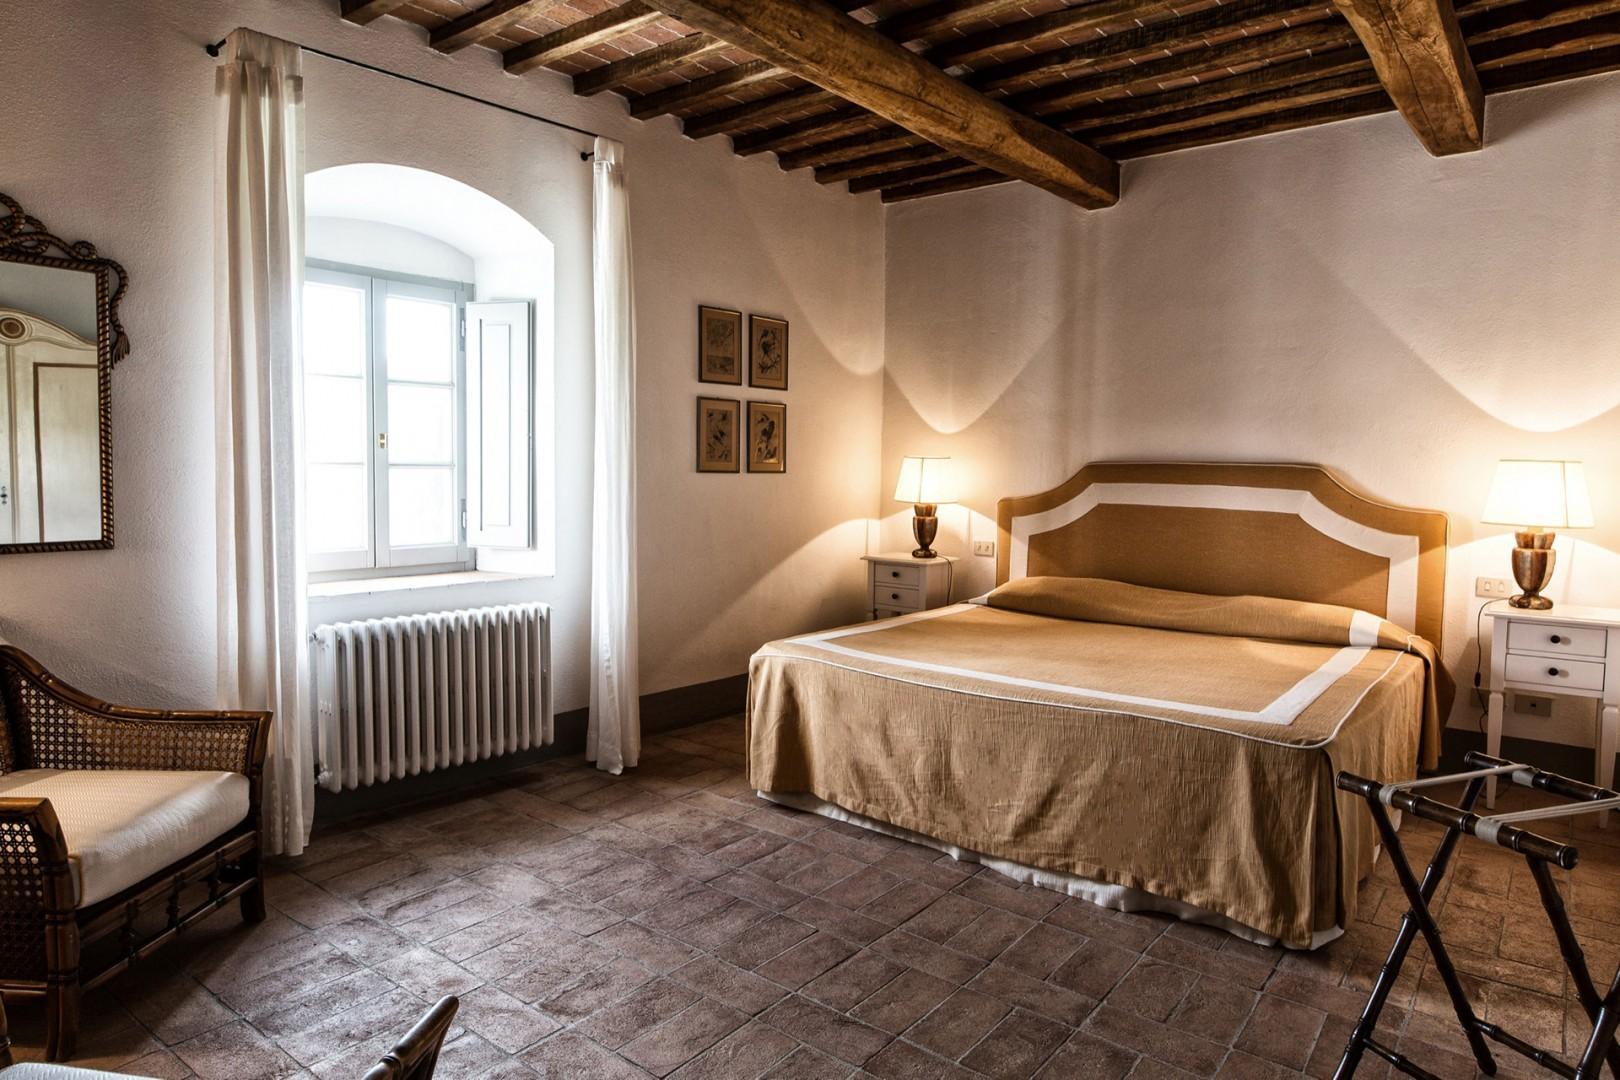 Ground floor bedroom 1. Every bedroom at La Rosetta has an en suite bathroom.